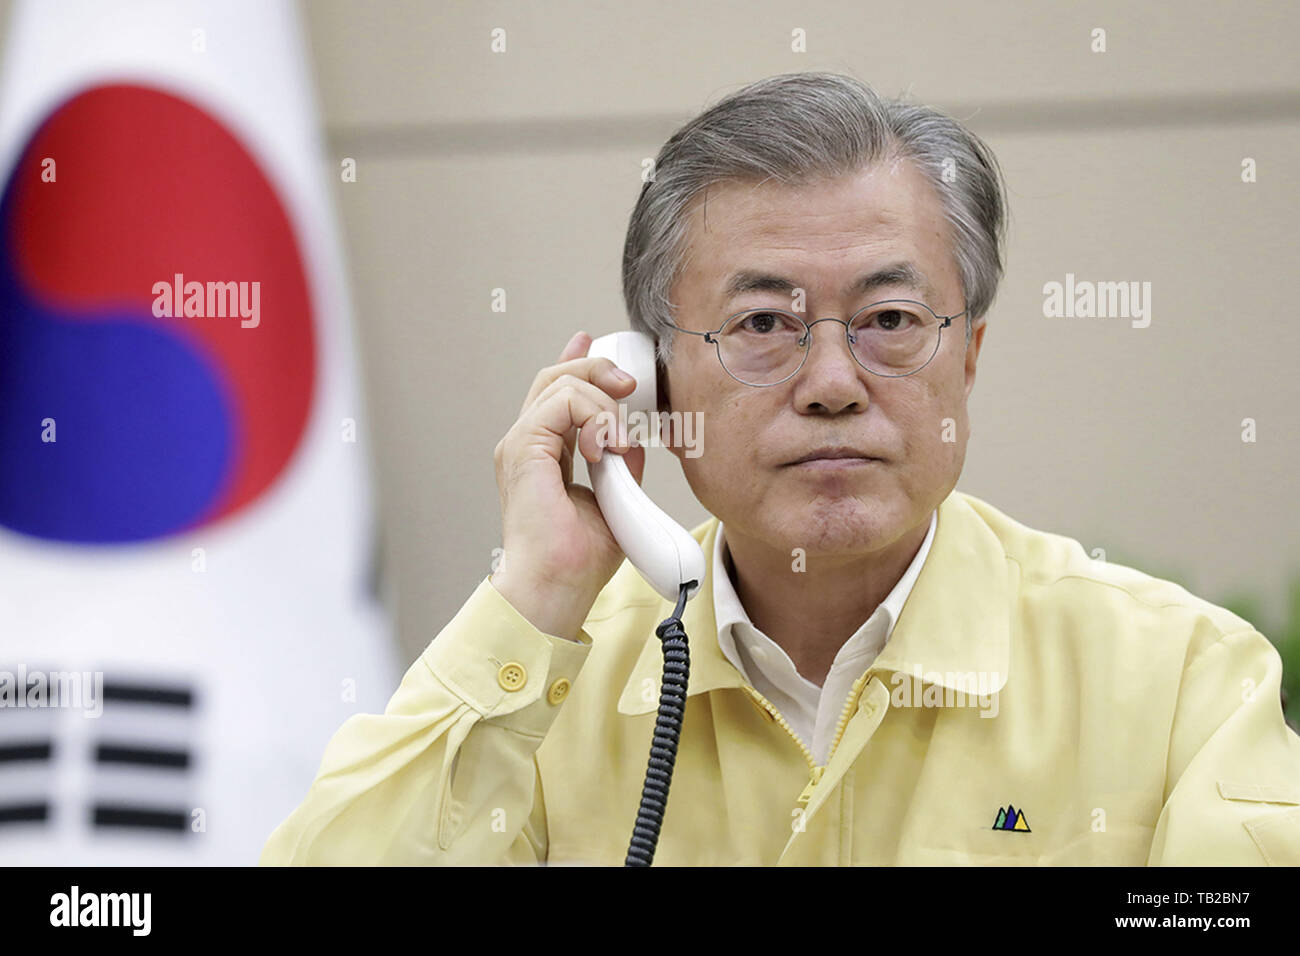 Séoul, Corée du Sud. 30 mai, 2019. 30 mai 2019 à Séoul, en Korea-In ce photos prises fournir est président office de photographe, Président de la Corée du Sud, Moon Jae-in de téléphone du président hongrois à l'occasion de la Blue House dans Séoul, jeudi, 30 mai 2019. Lune a ordonné à des fonctionnaires à mobiliser toutes les ressources visant à appuyer le travail de sauvetage en coopération avec le gouvernement hongrois après qu'un bateau avec des touristes sud-coréens a chaviré dans Budapest. Credit: Zuma Zuma Press/wire/Alamy Live News Photo Stock